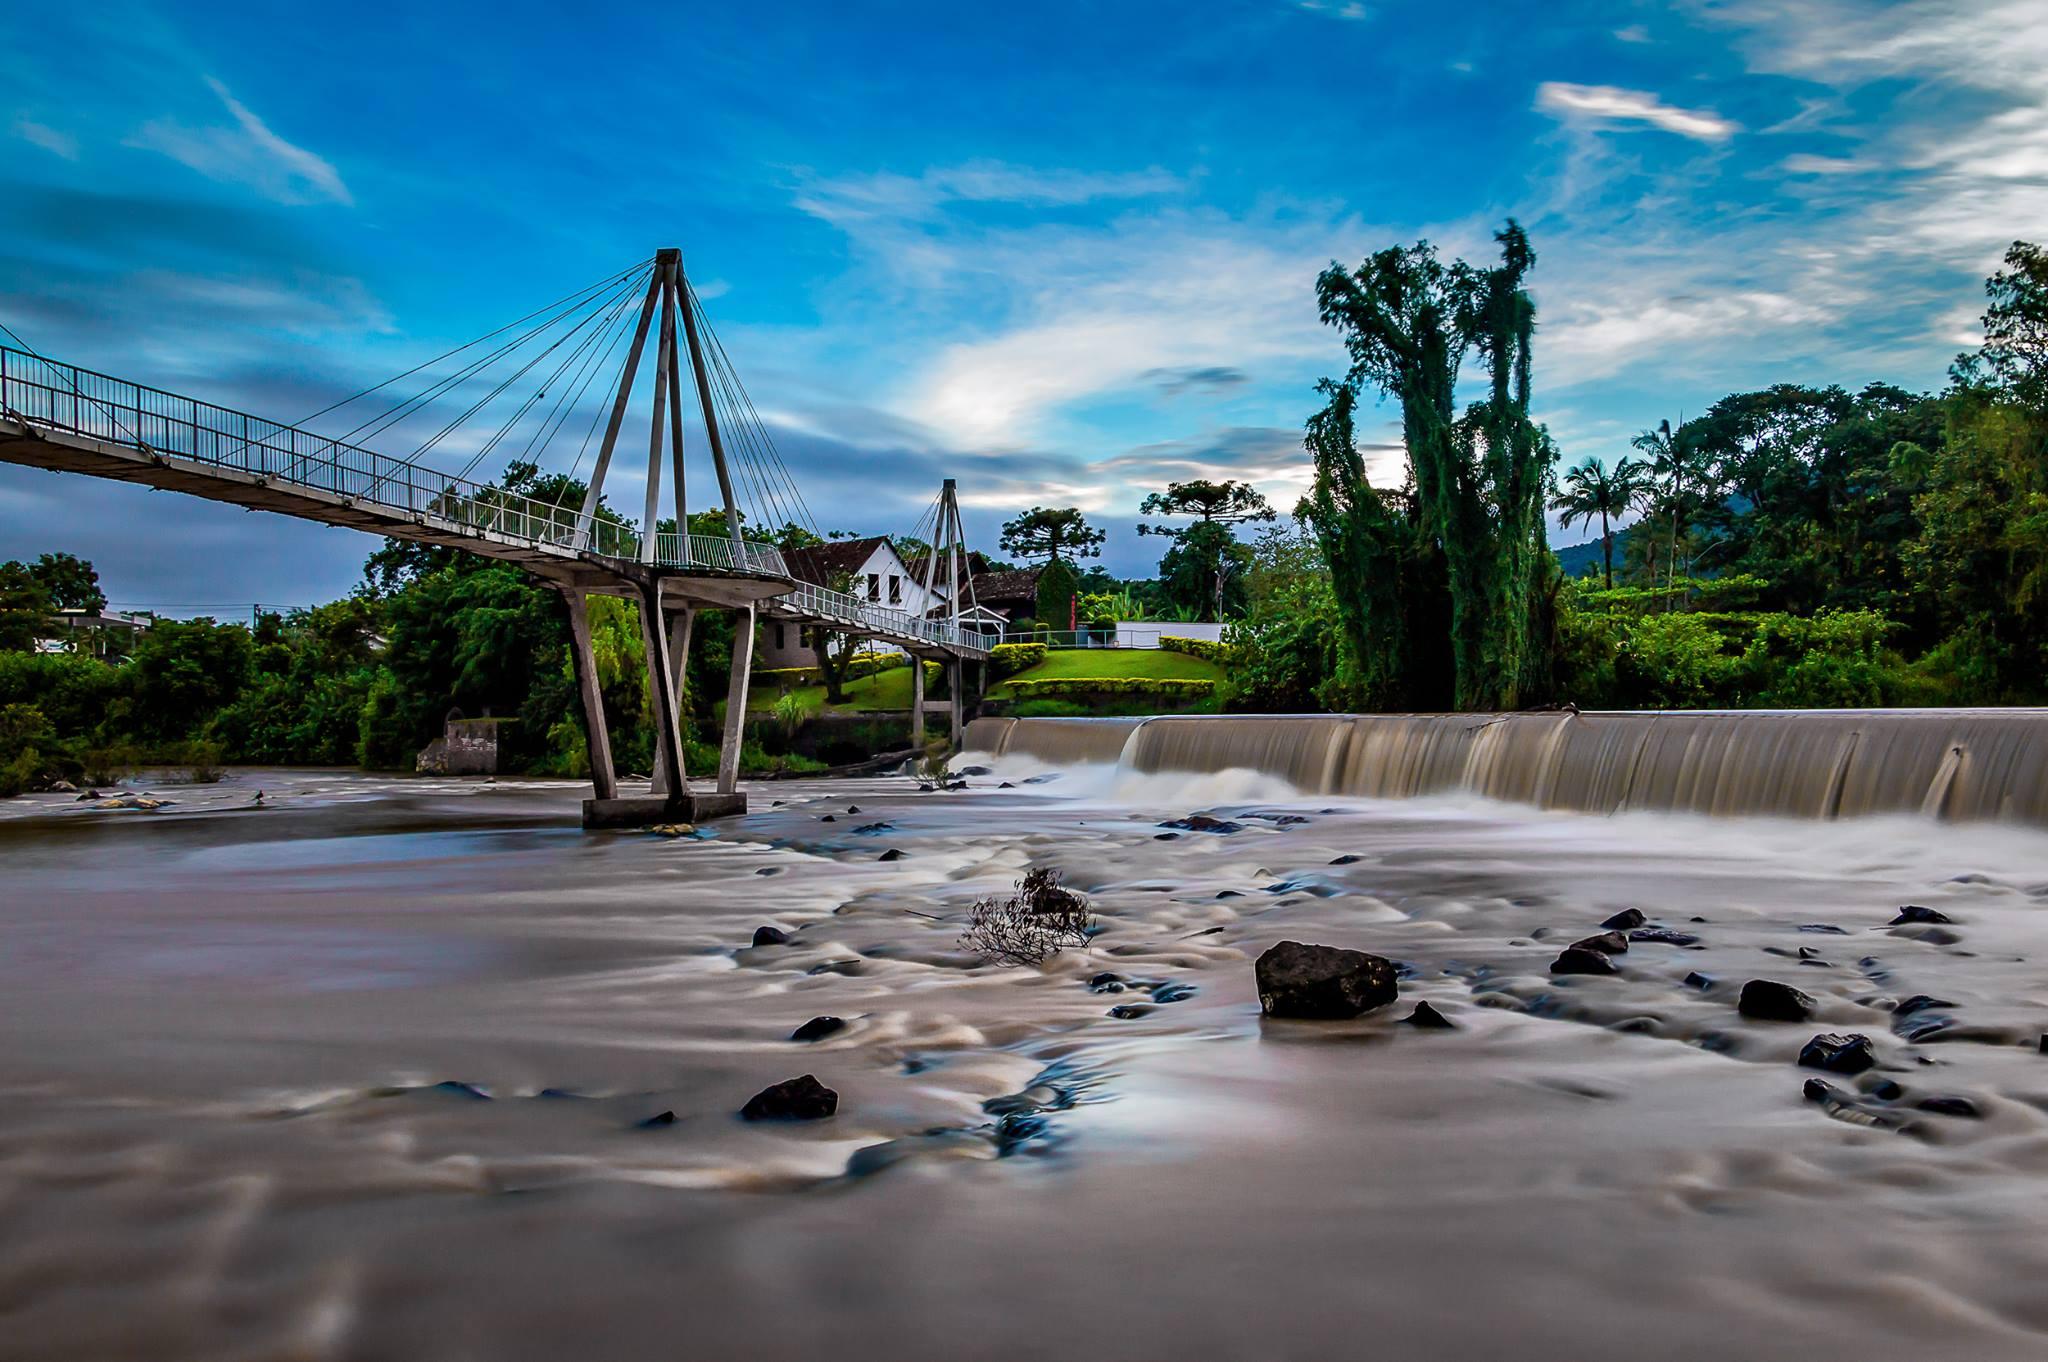 Ponte Thapyoka sobre Rio Benedito em Timbó (SC). Sonha em morar em Timbó? Saiba tudo neste post!